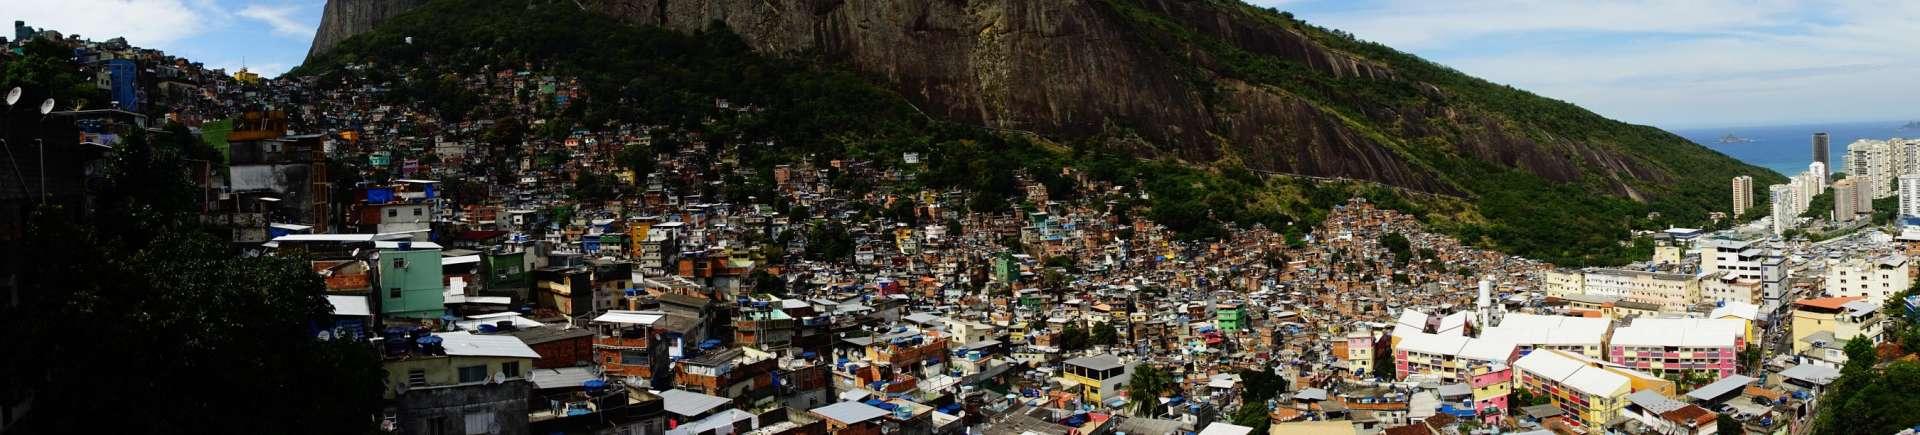 Rio de Janeiro Pescart Enrico Pescantini Rocinha